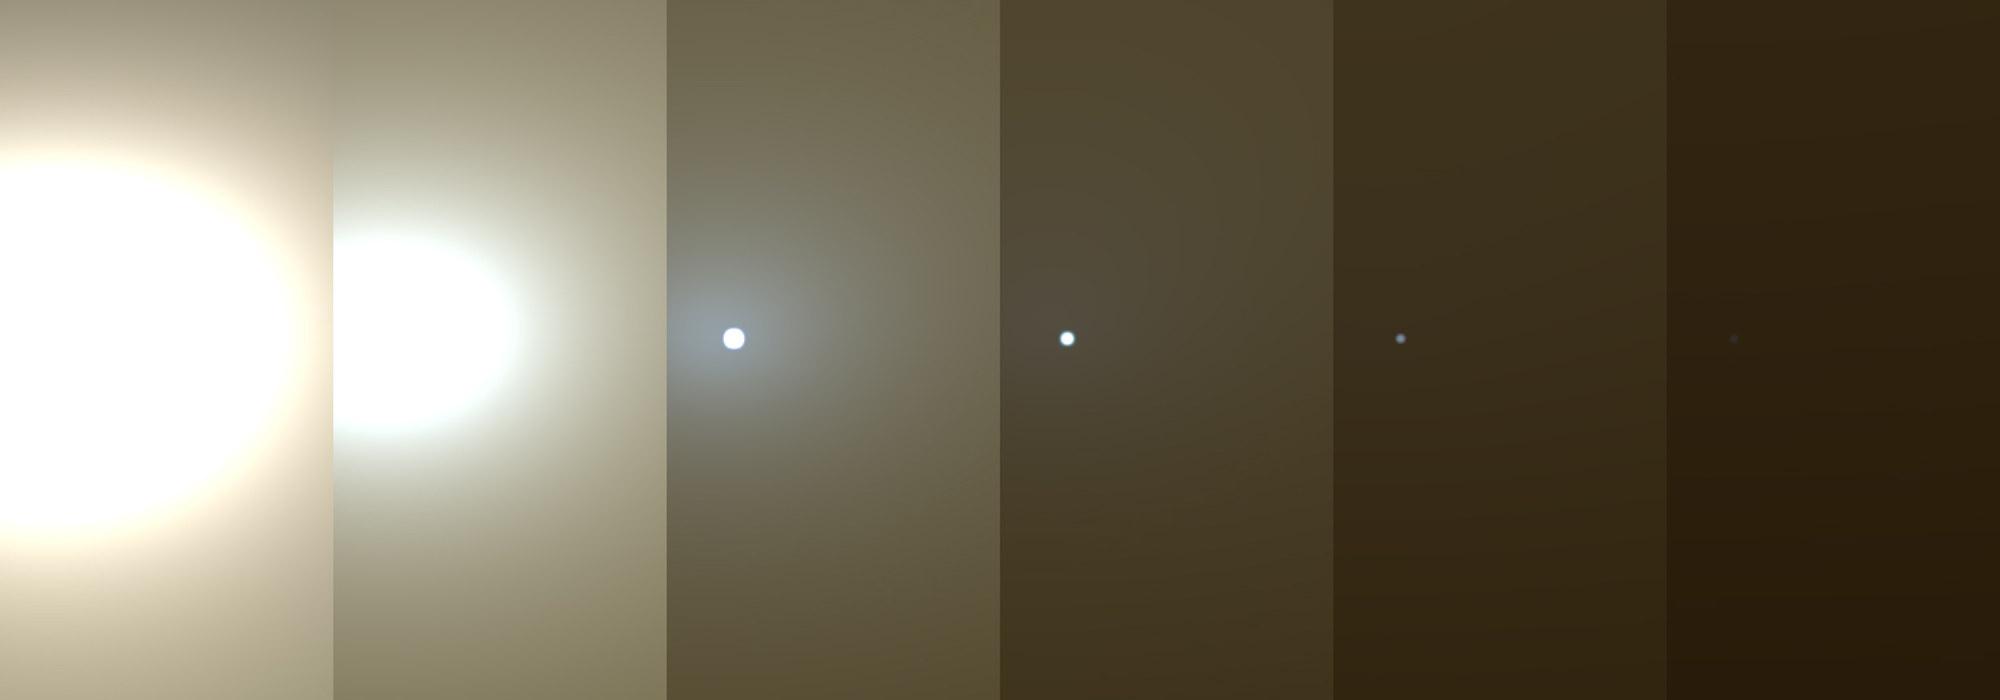 Mars'ta küresel fırtına